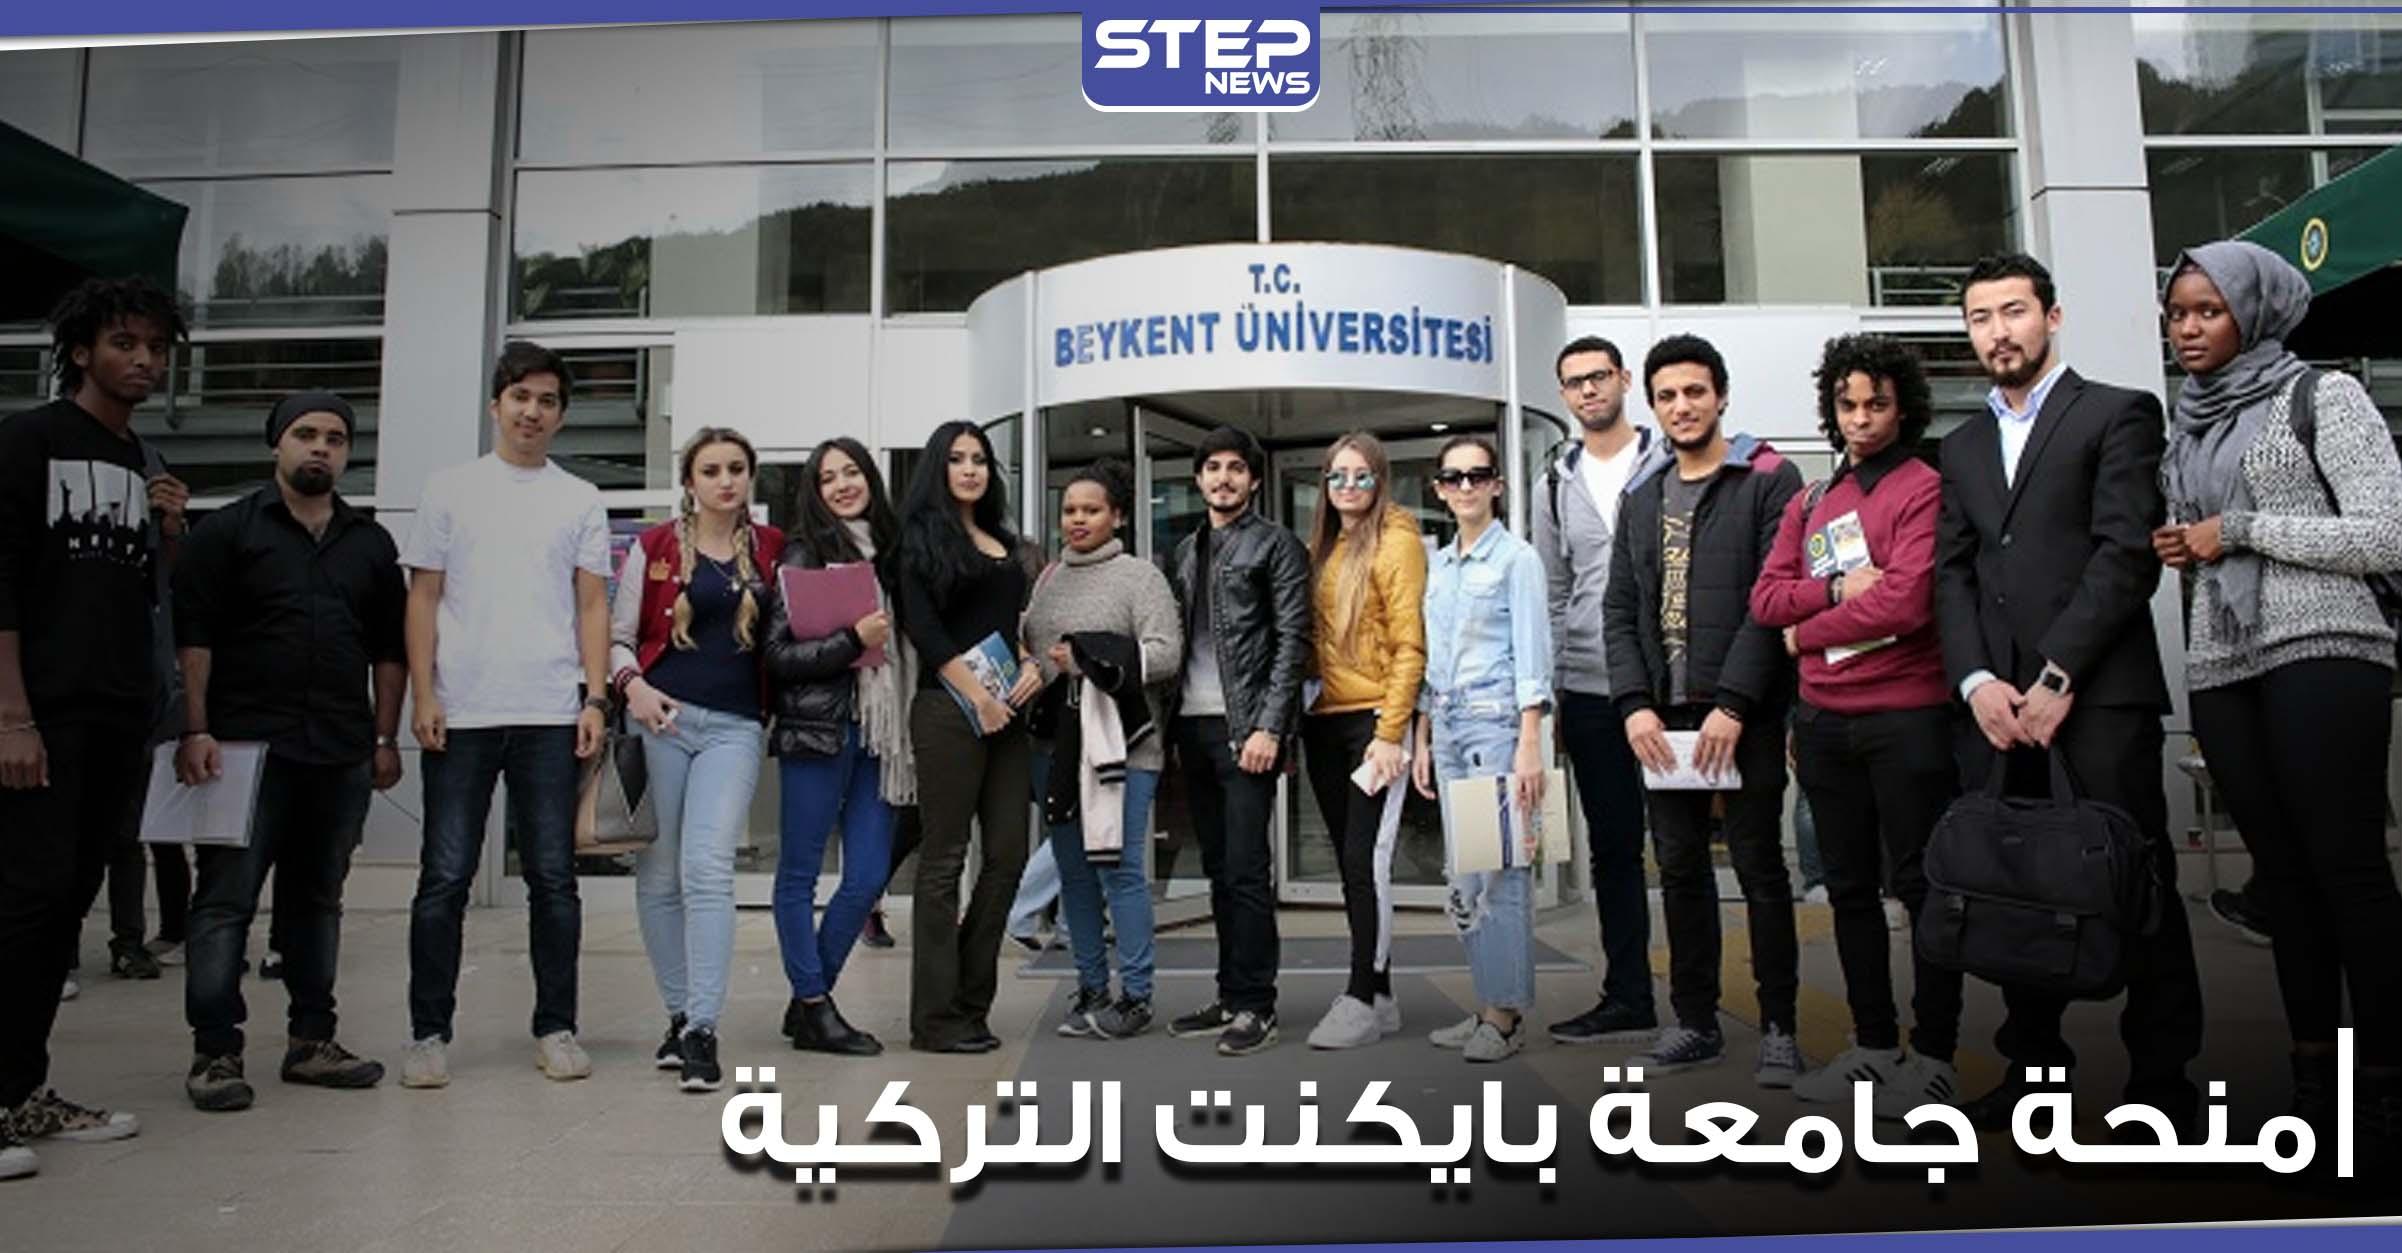 منحة جامعة بايكنت التركية